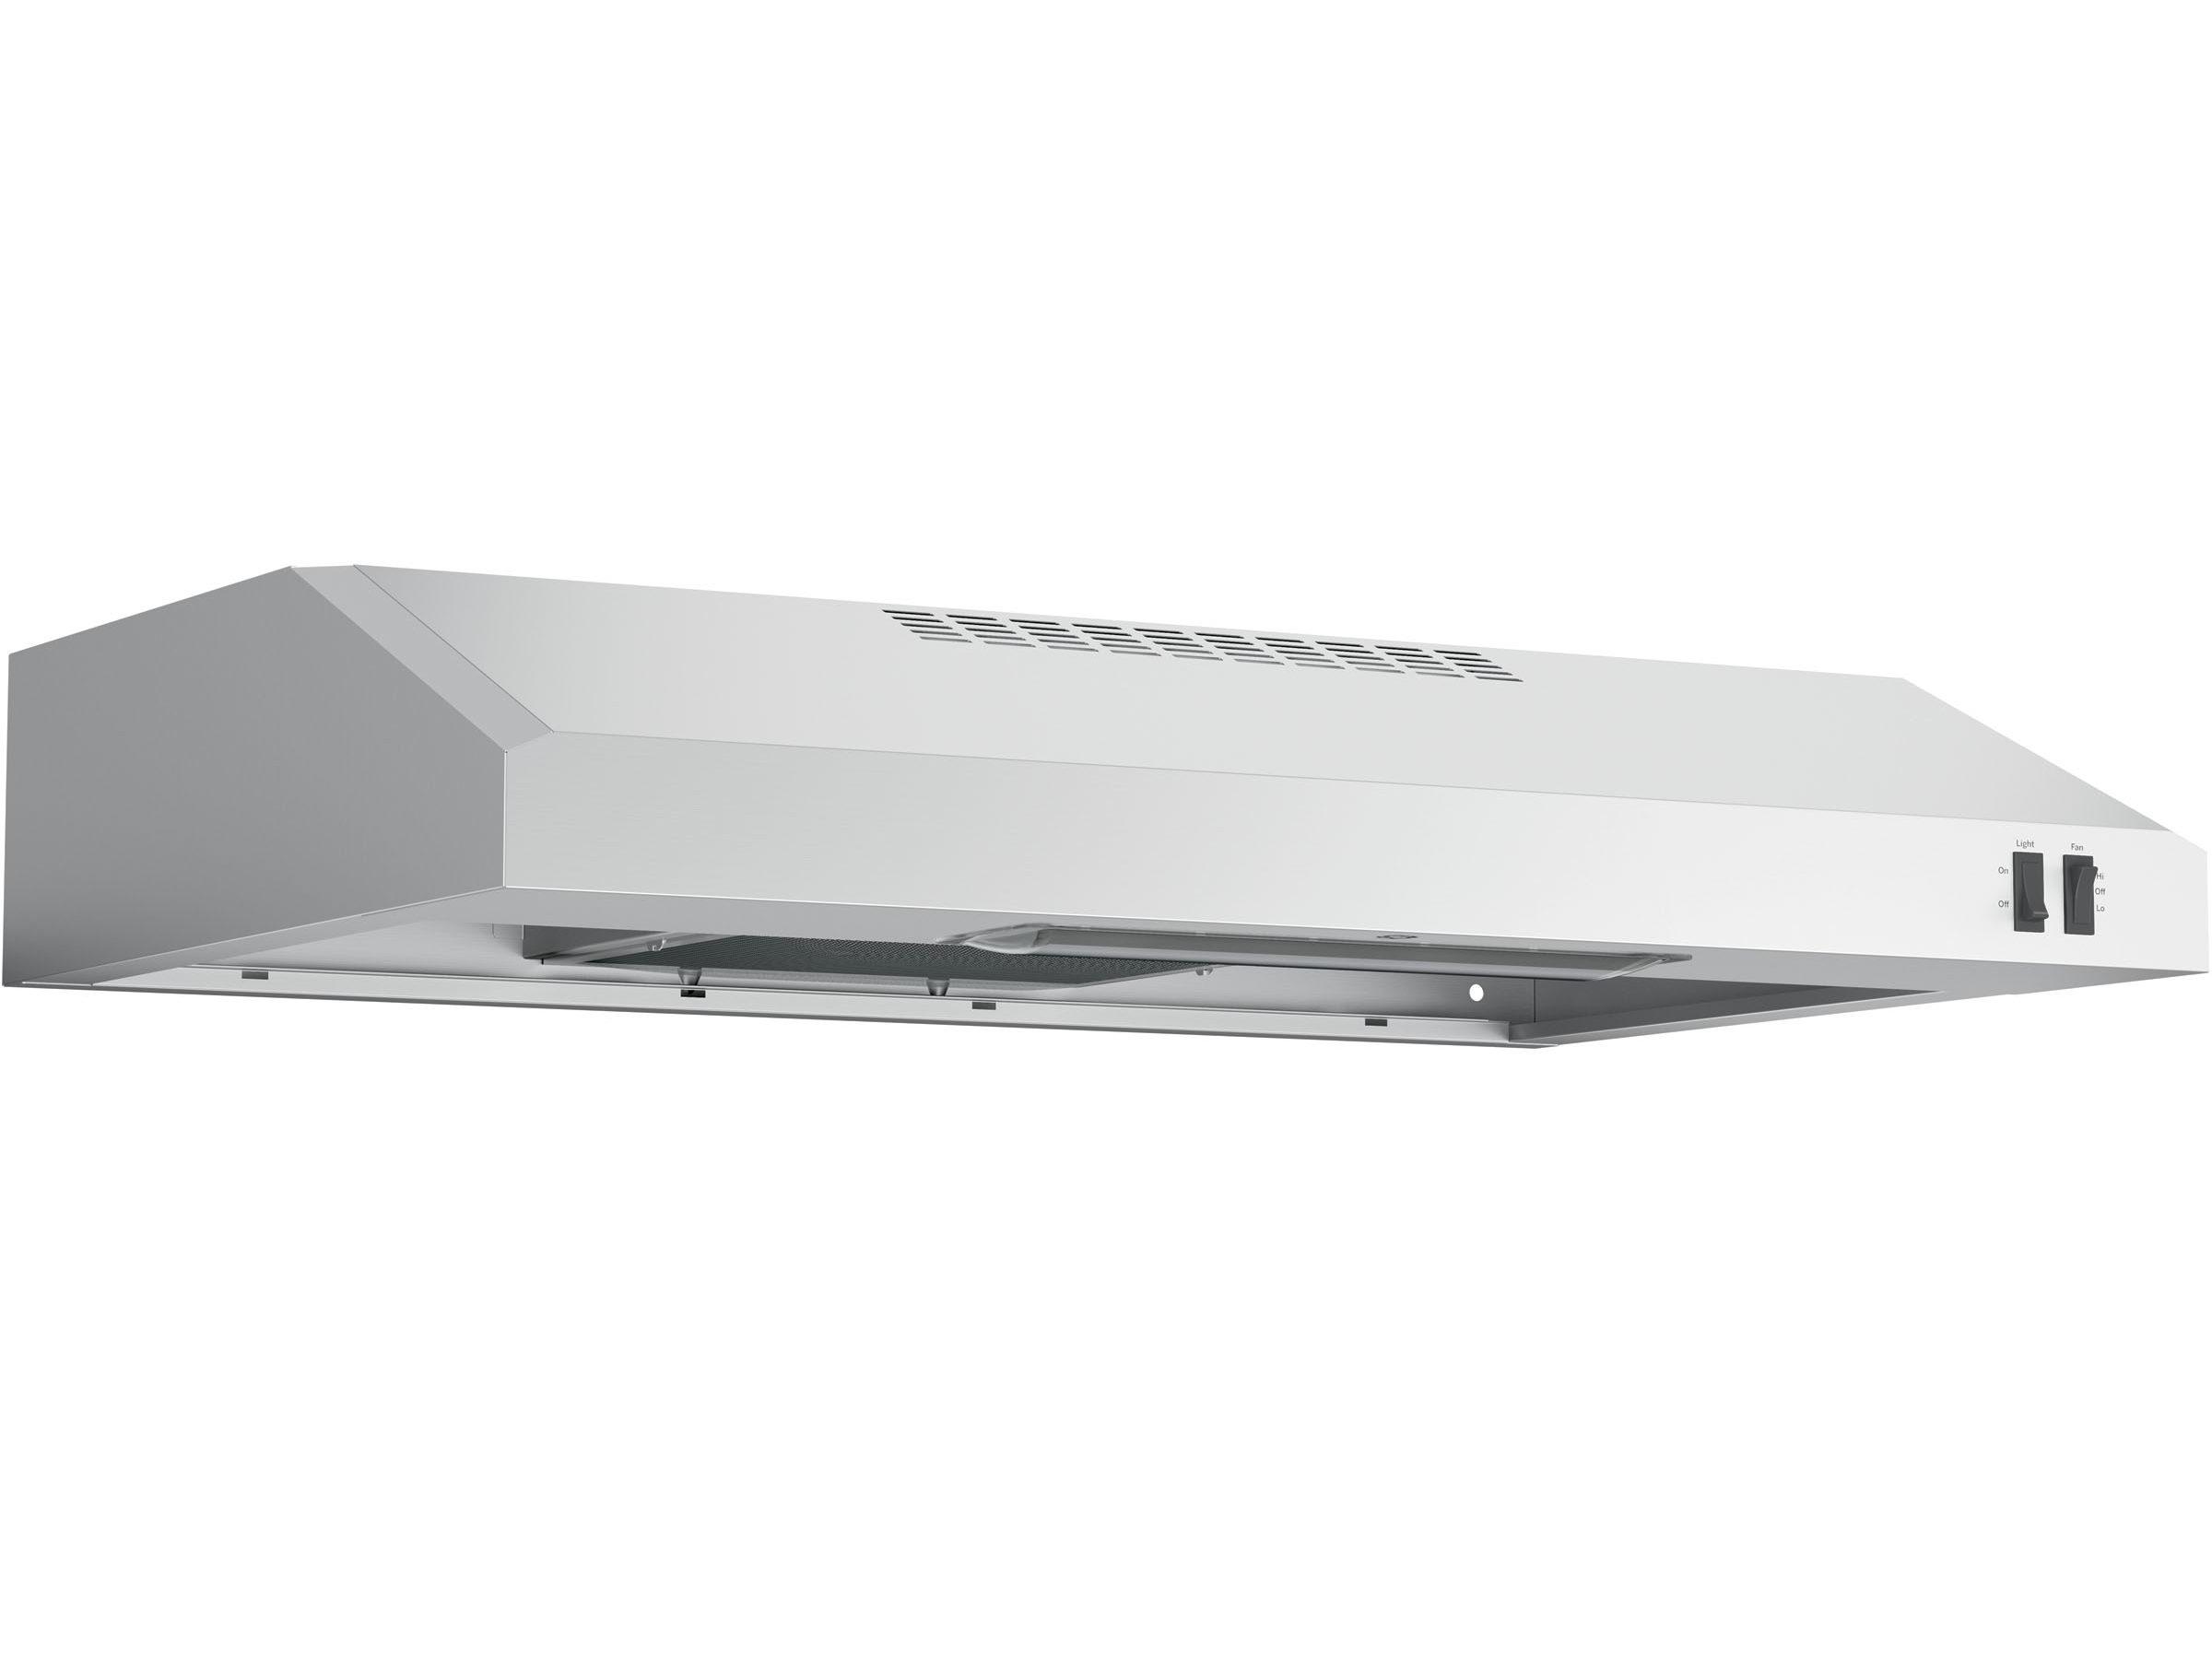 22706 – Range Hood – G-JVX3300SJSSC – Stainless Steel – Angle